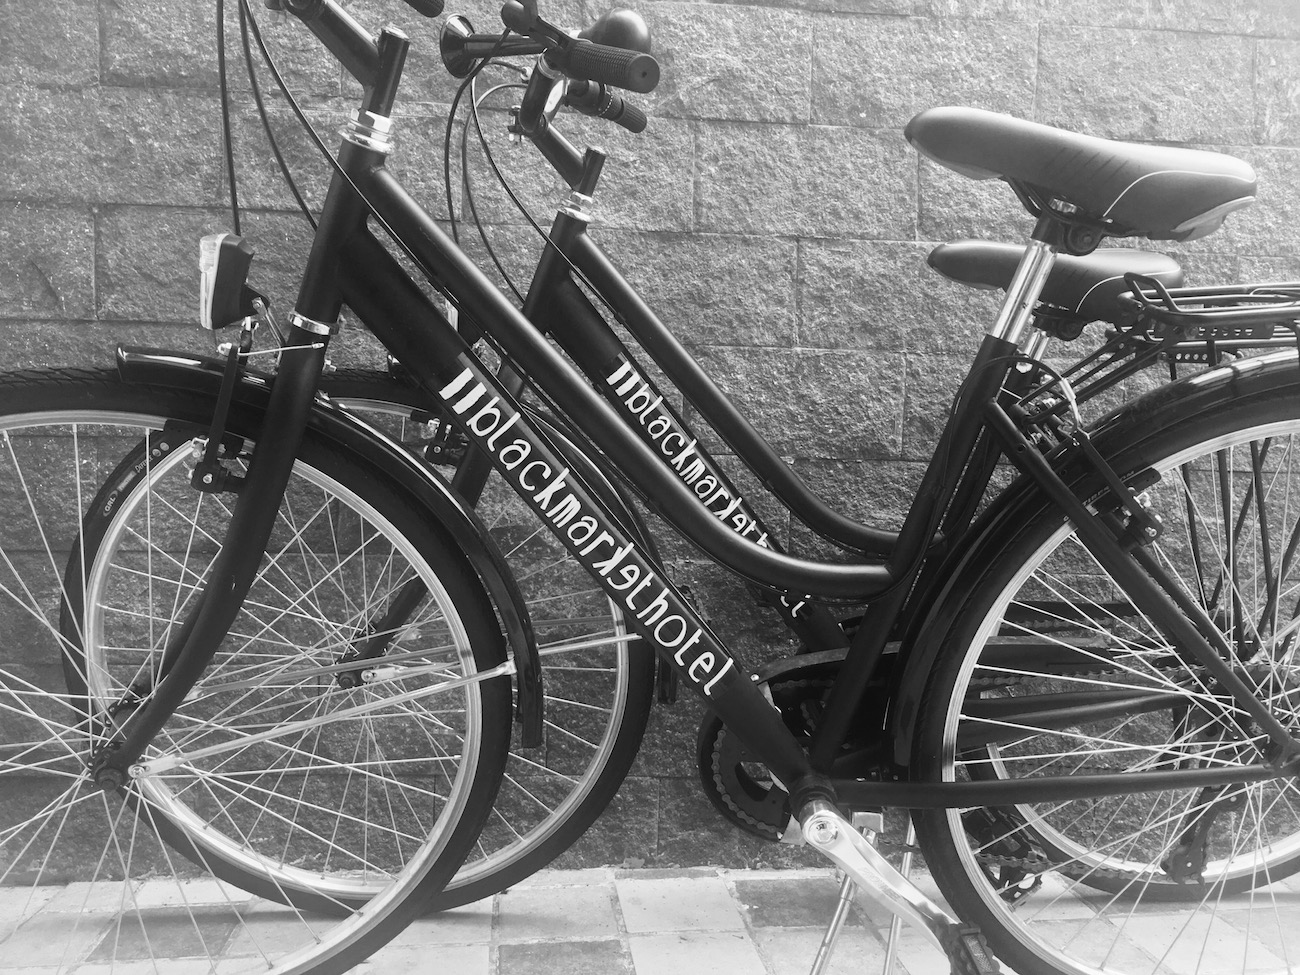 Le biciclette black market hotel